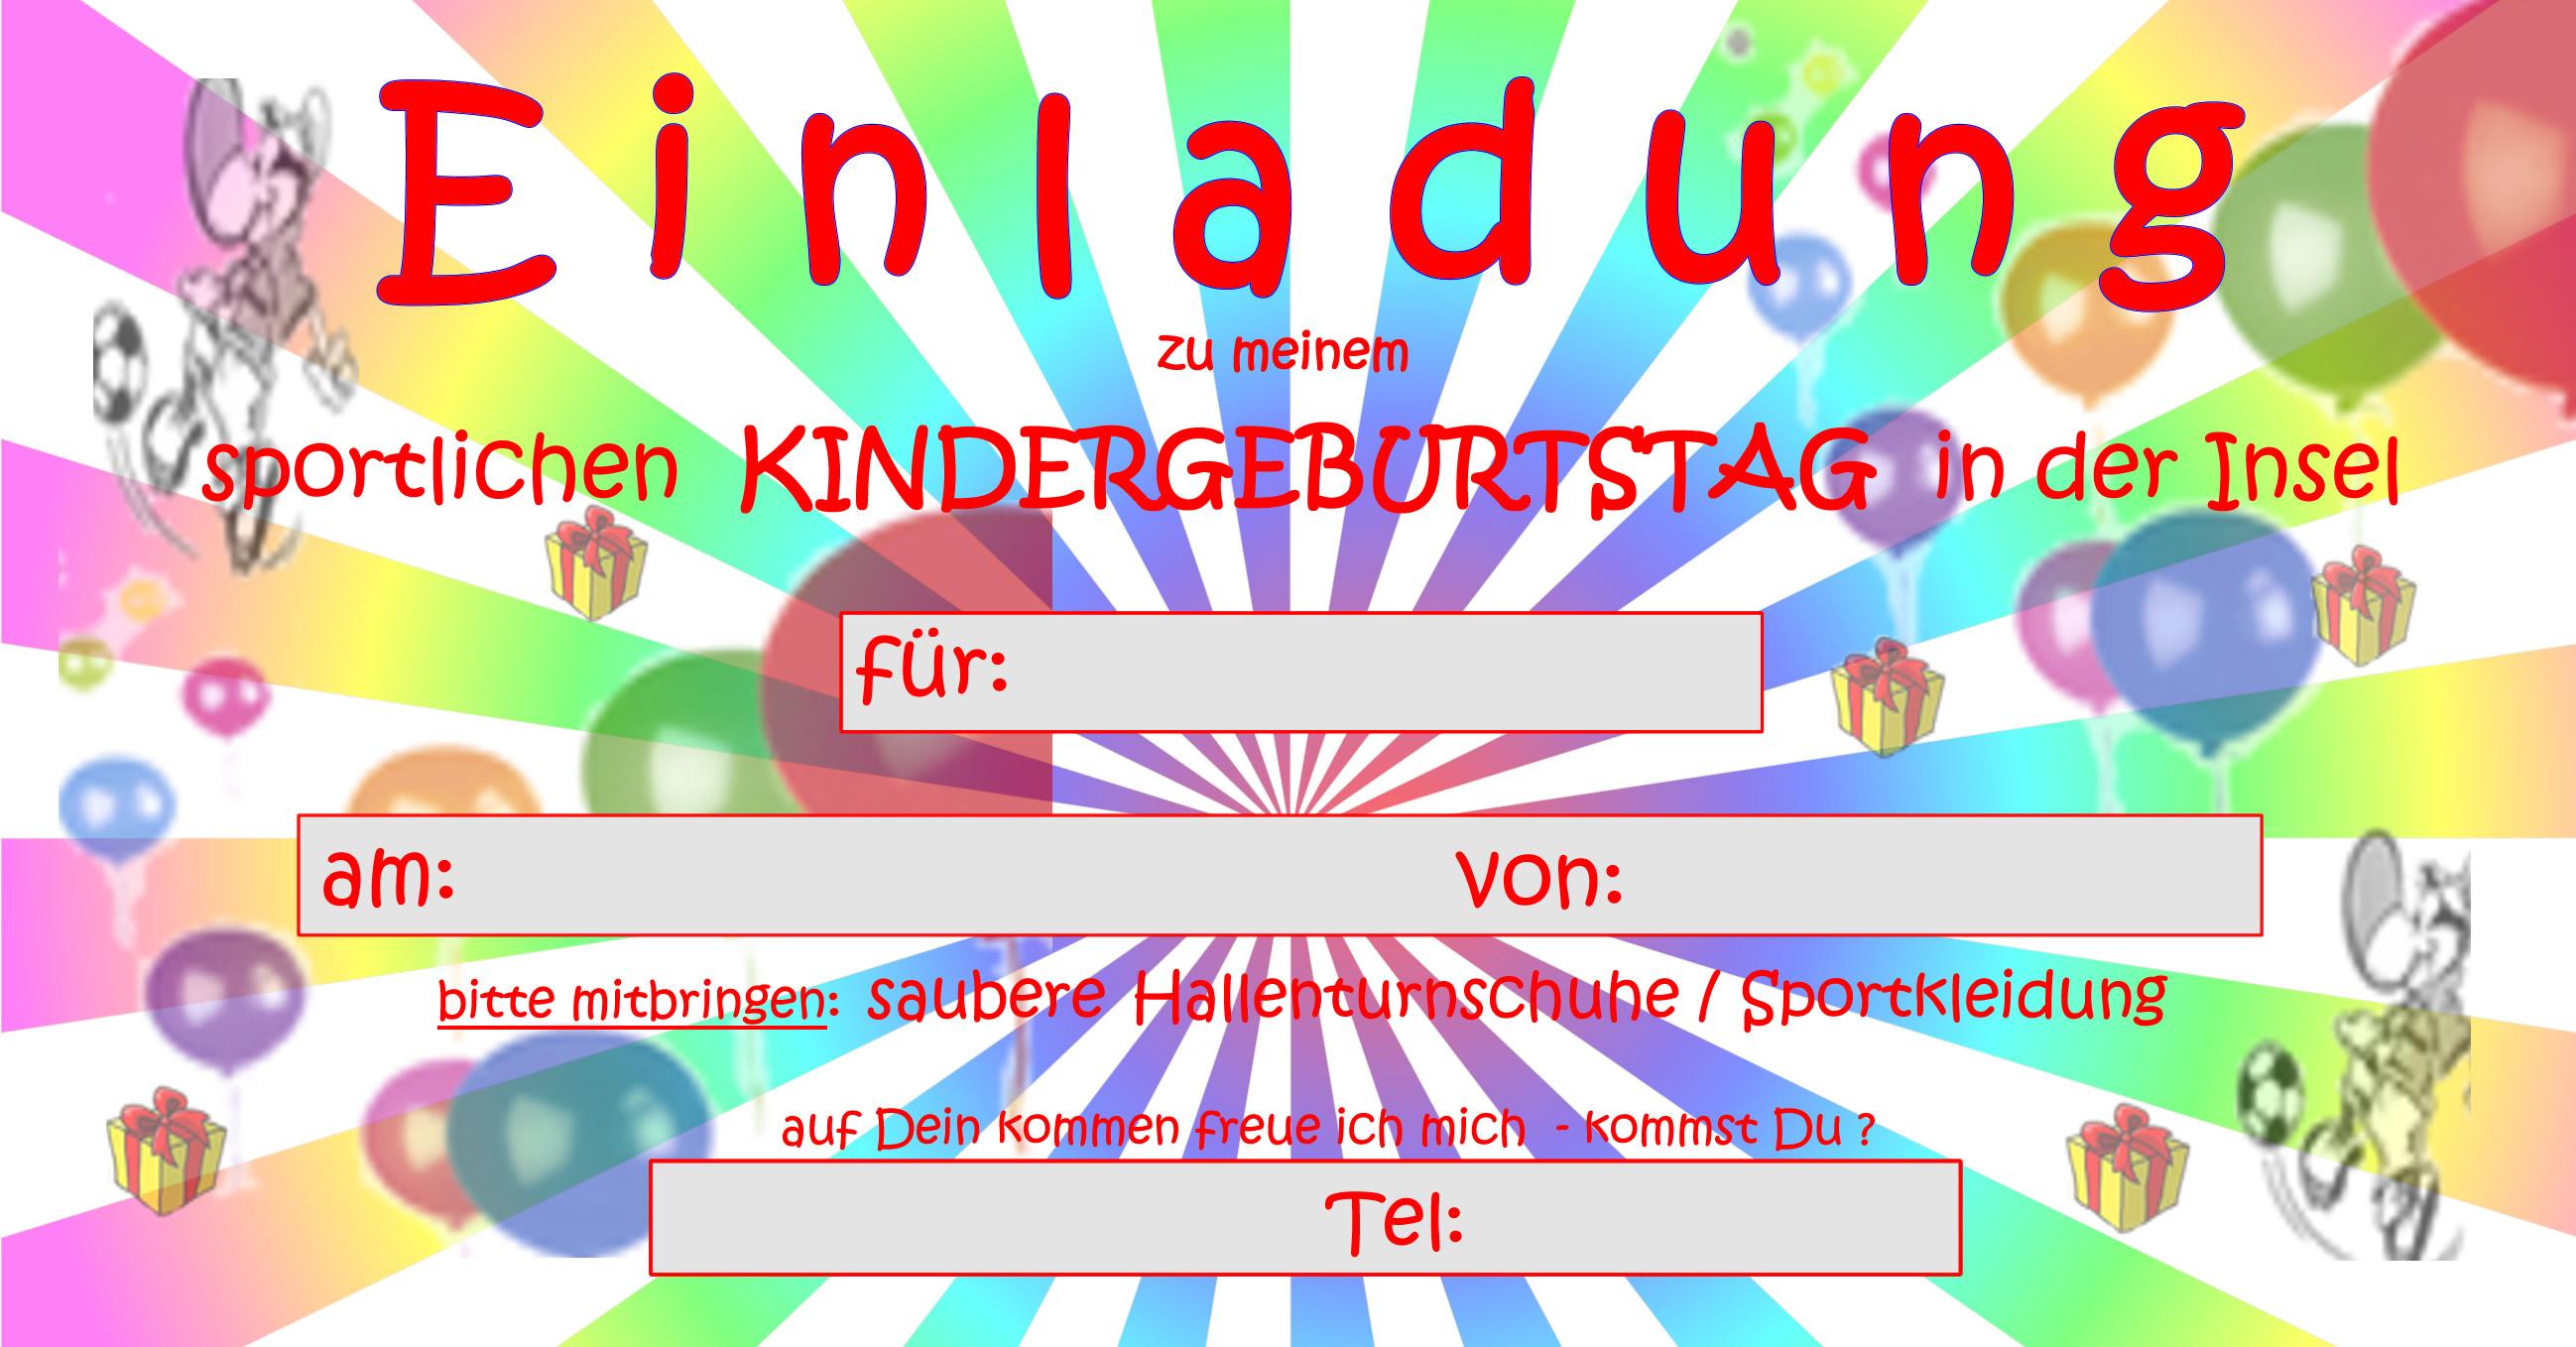 sportliche kindergeburtstage in münchens umgebung - squash-insel, Einladungsentwurf